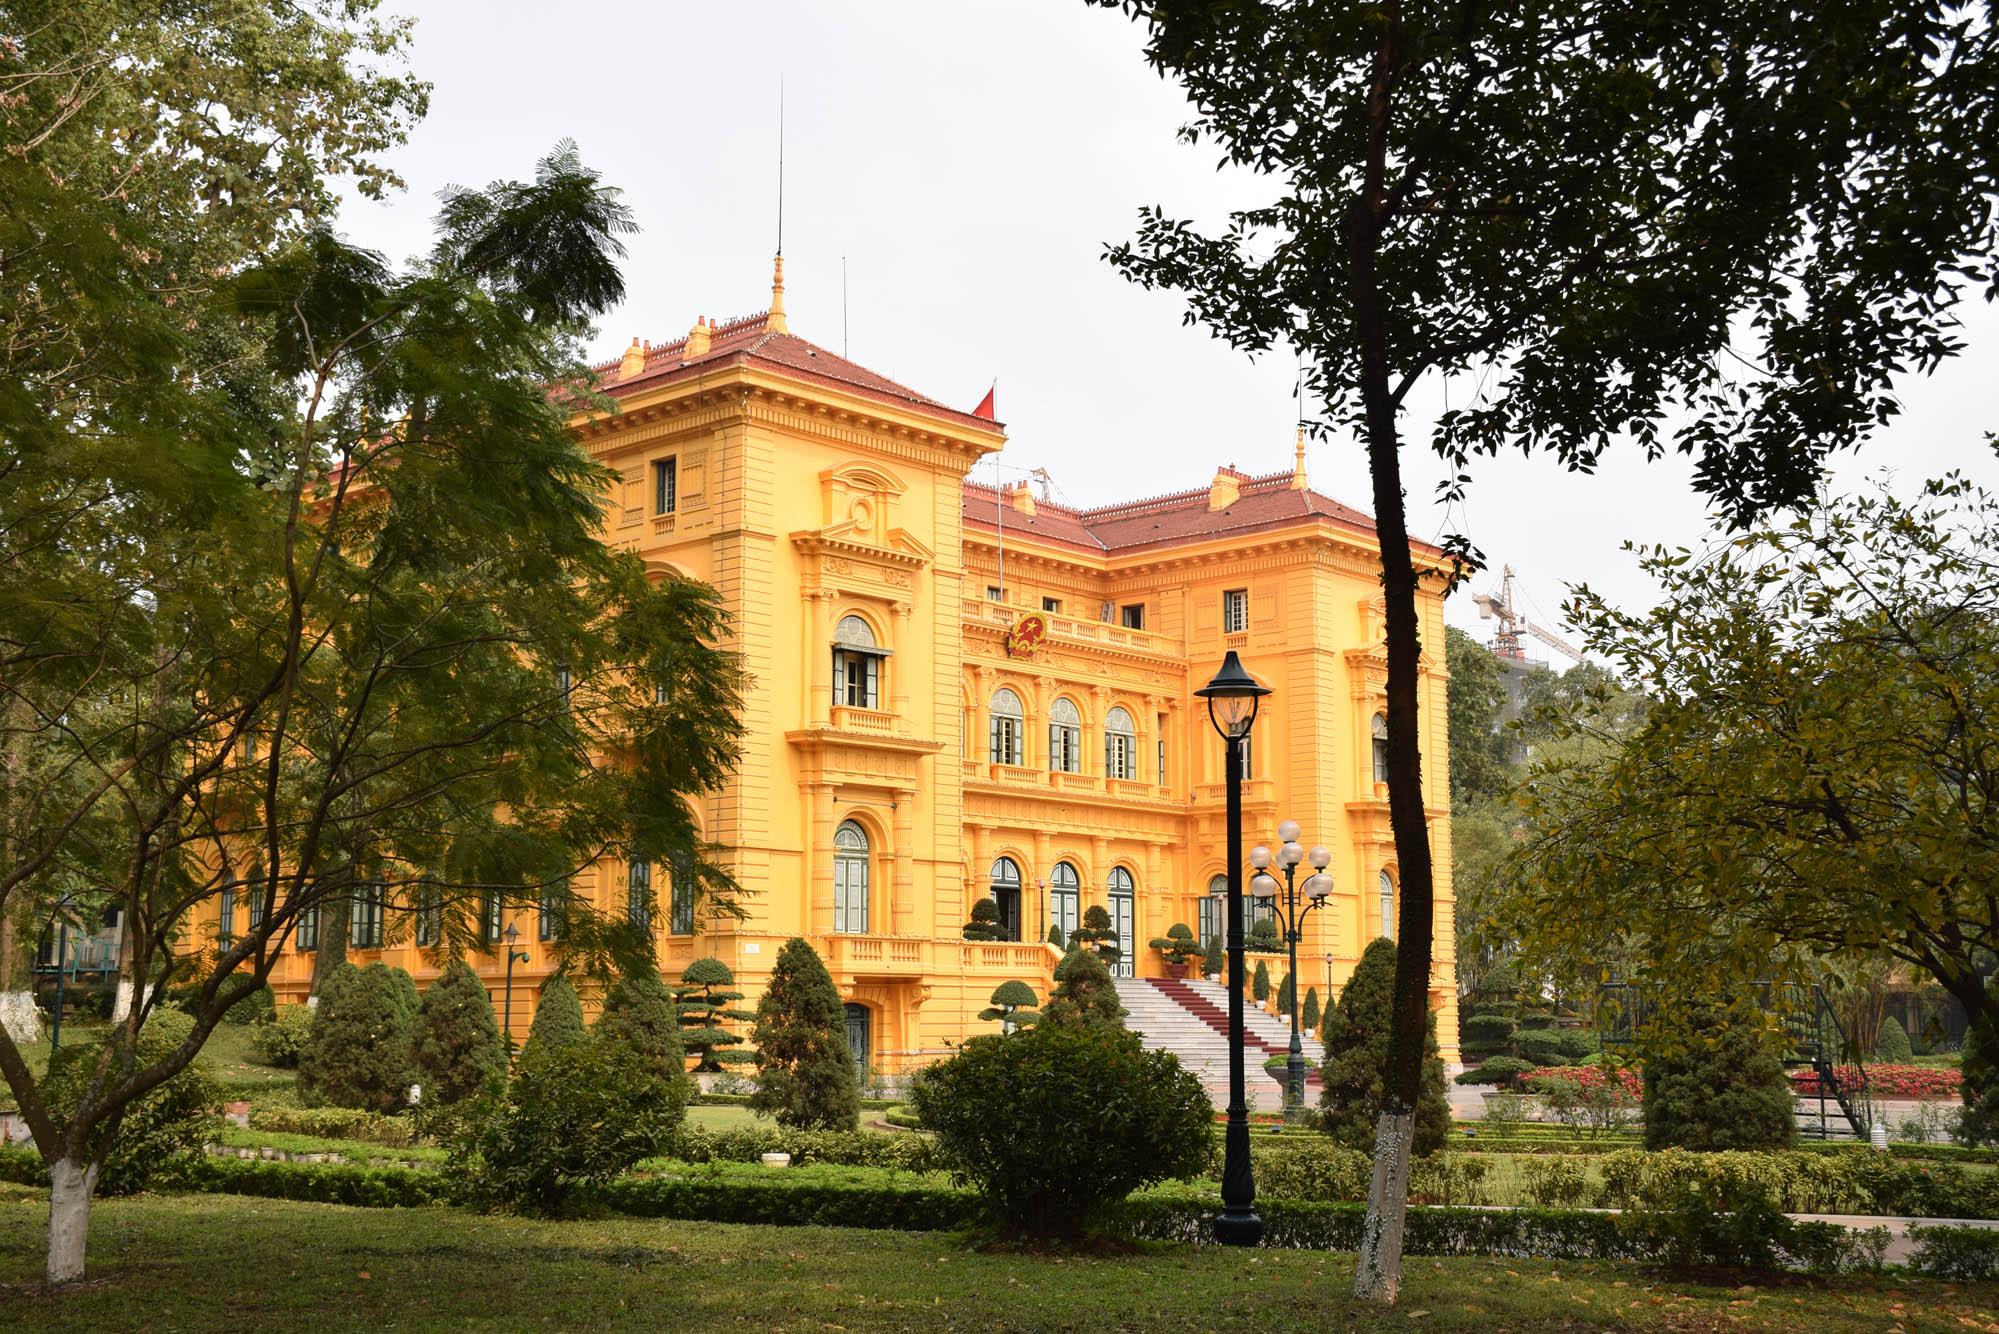 Palácio presidencial - Ho Chi Minh Complex - Hanoi